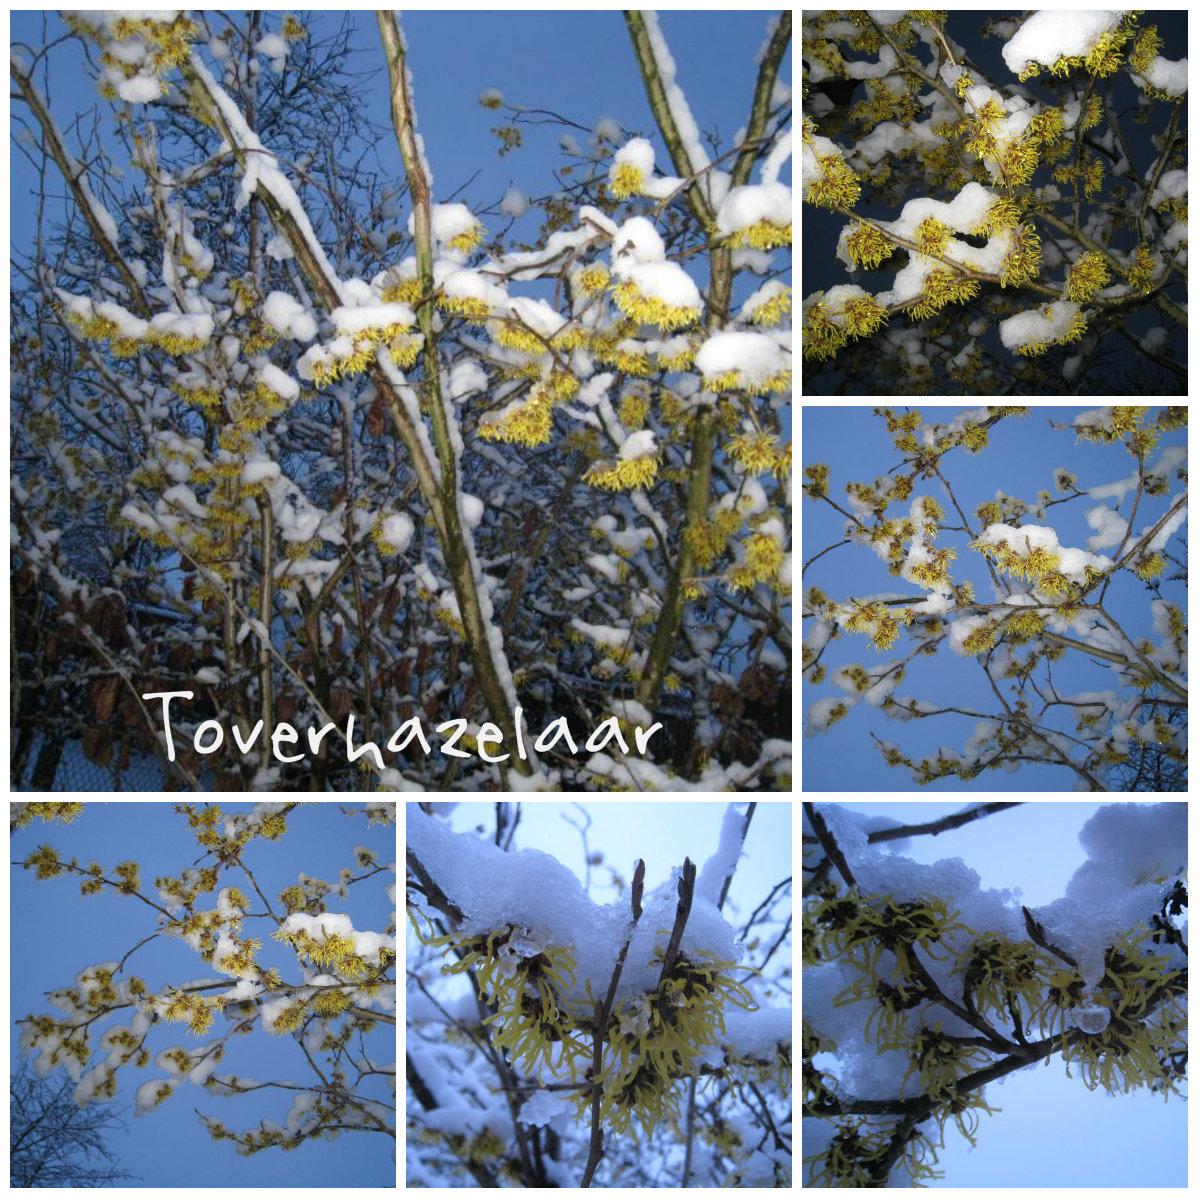 Toverhazelaar, Hamamelis bedekt met sneeuw